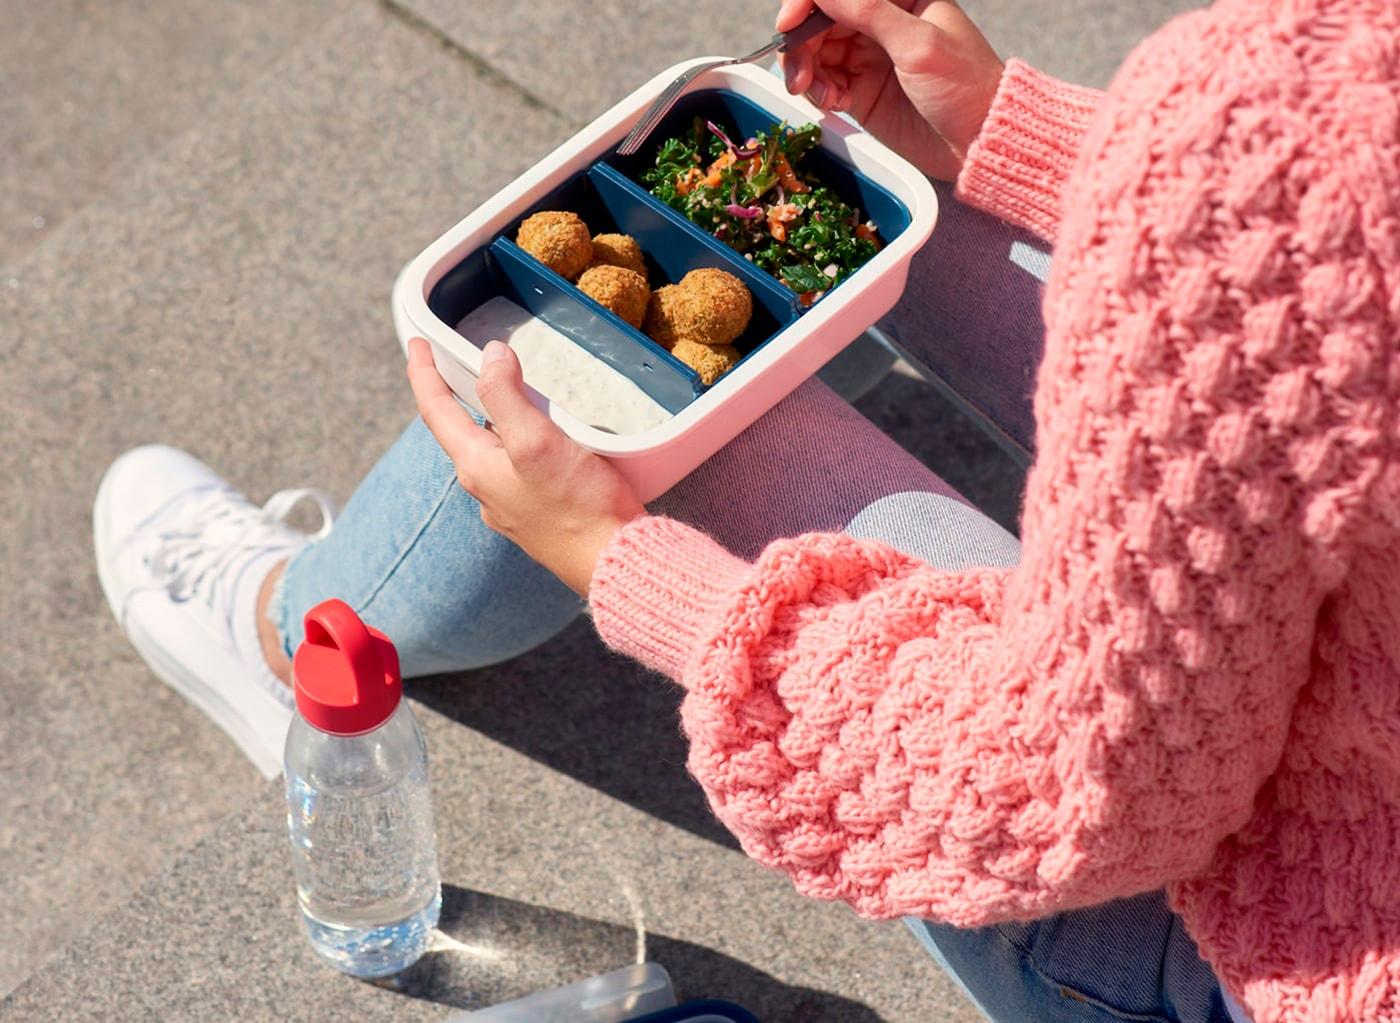 Una dona menja amb un recipient de plàstic d'IKEA i una ampolla de plàstic transparent plena d'aigua al costat.